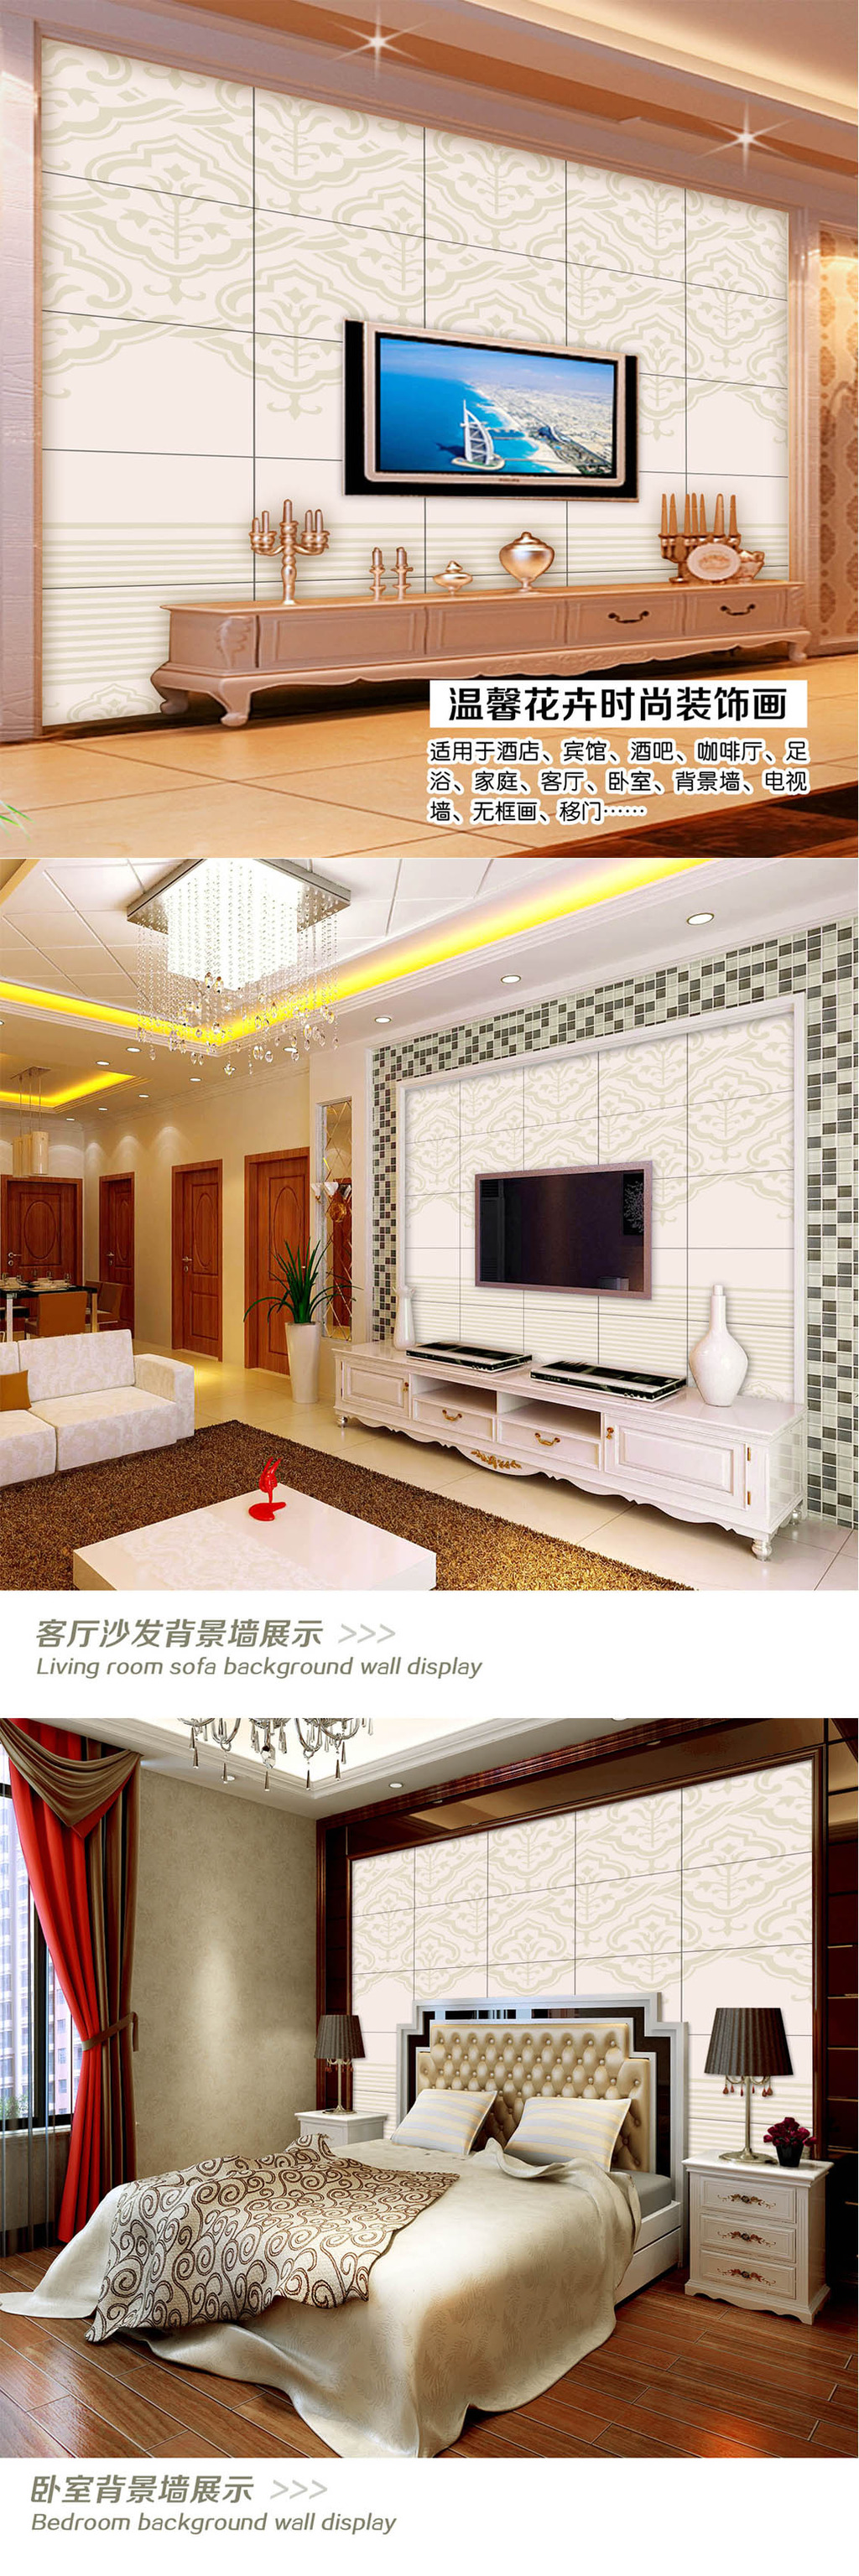 欧式古典风格大马士革电视背景墙装饰画图片